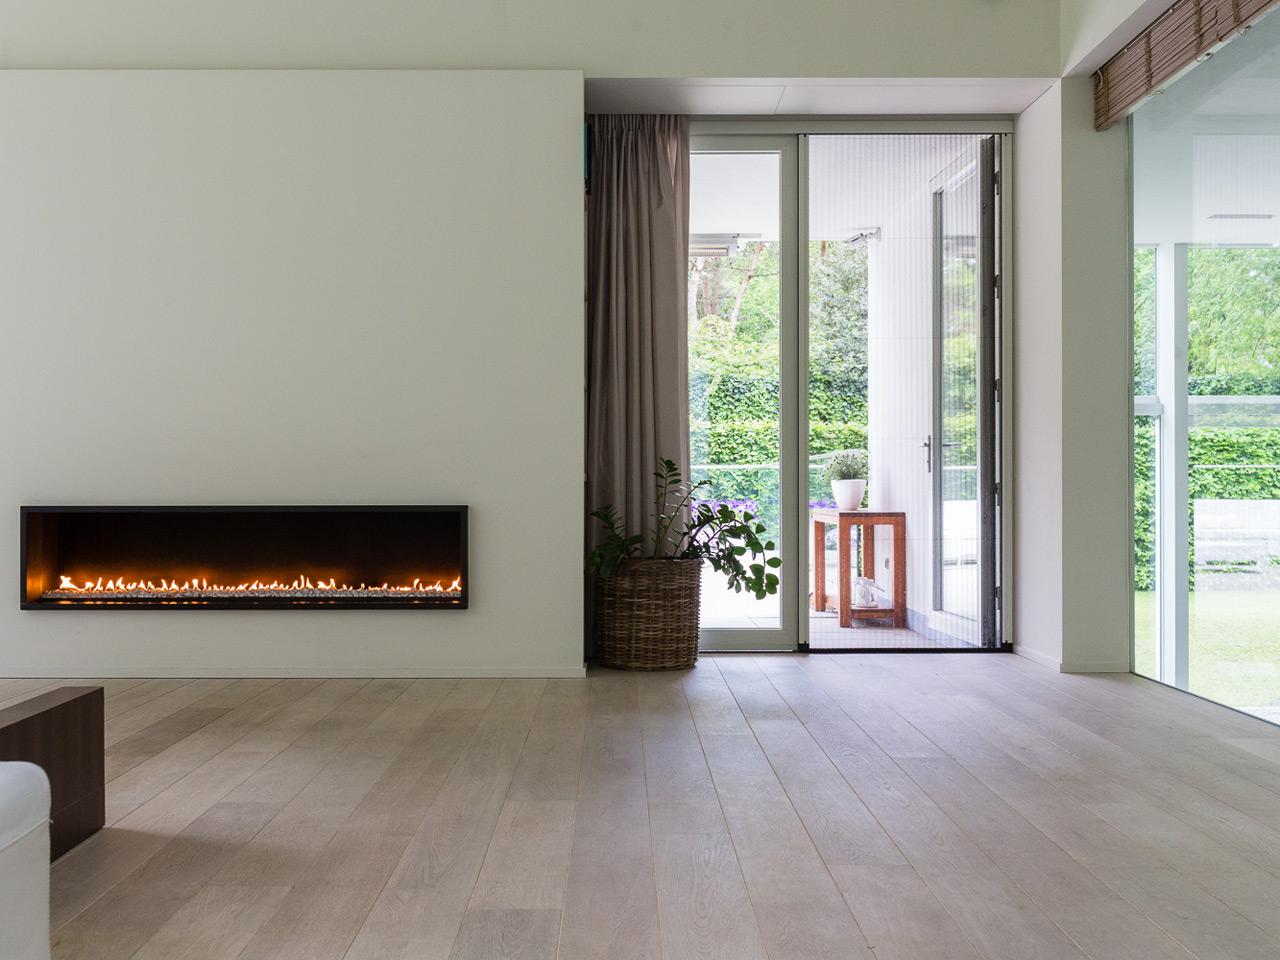 5 design regeln f r ein minimalistisches wohnzimmer - Minimalistisches wohnzimmer ...